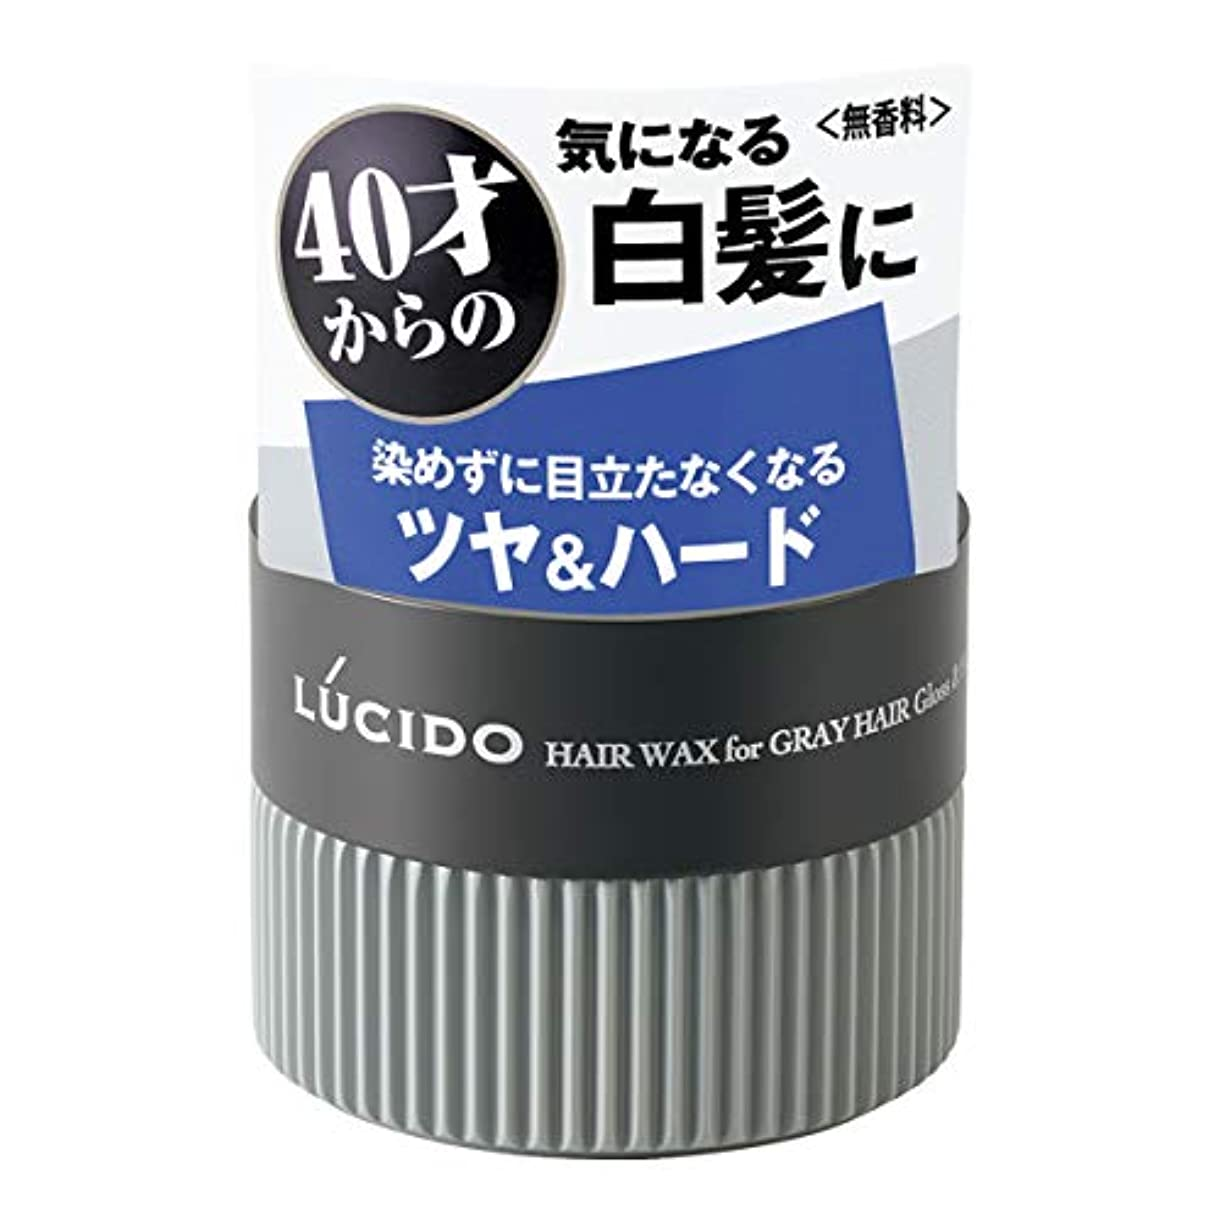 浸漬耐えられるバランスのとれたLUCIDO(ルシード) ヘアワックス 白髪用ワックス グロス&ハード 80g